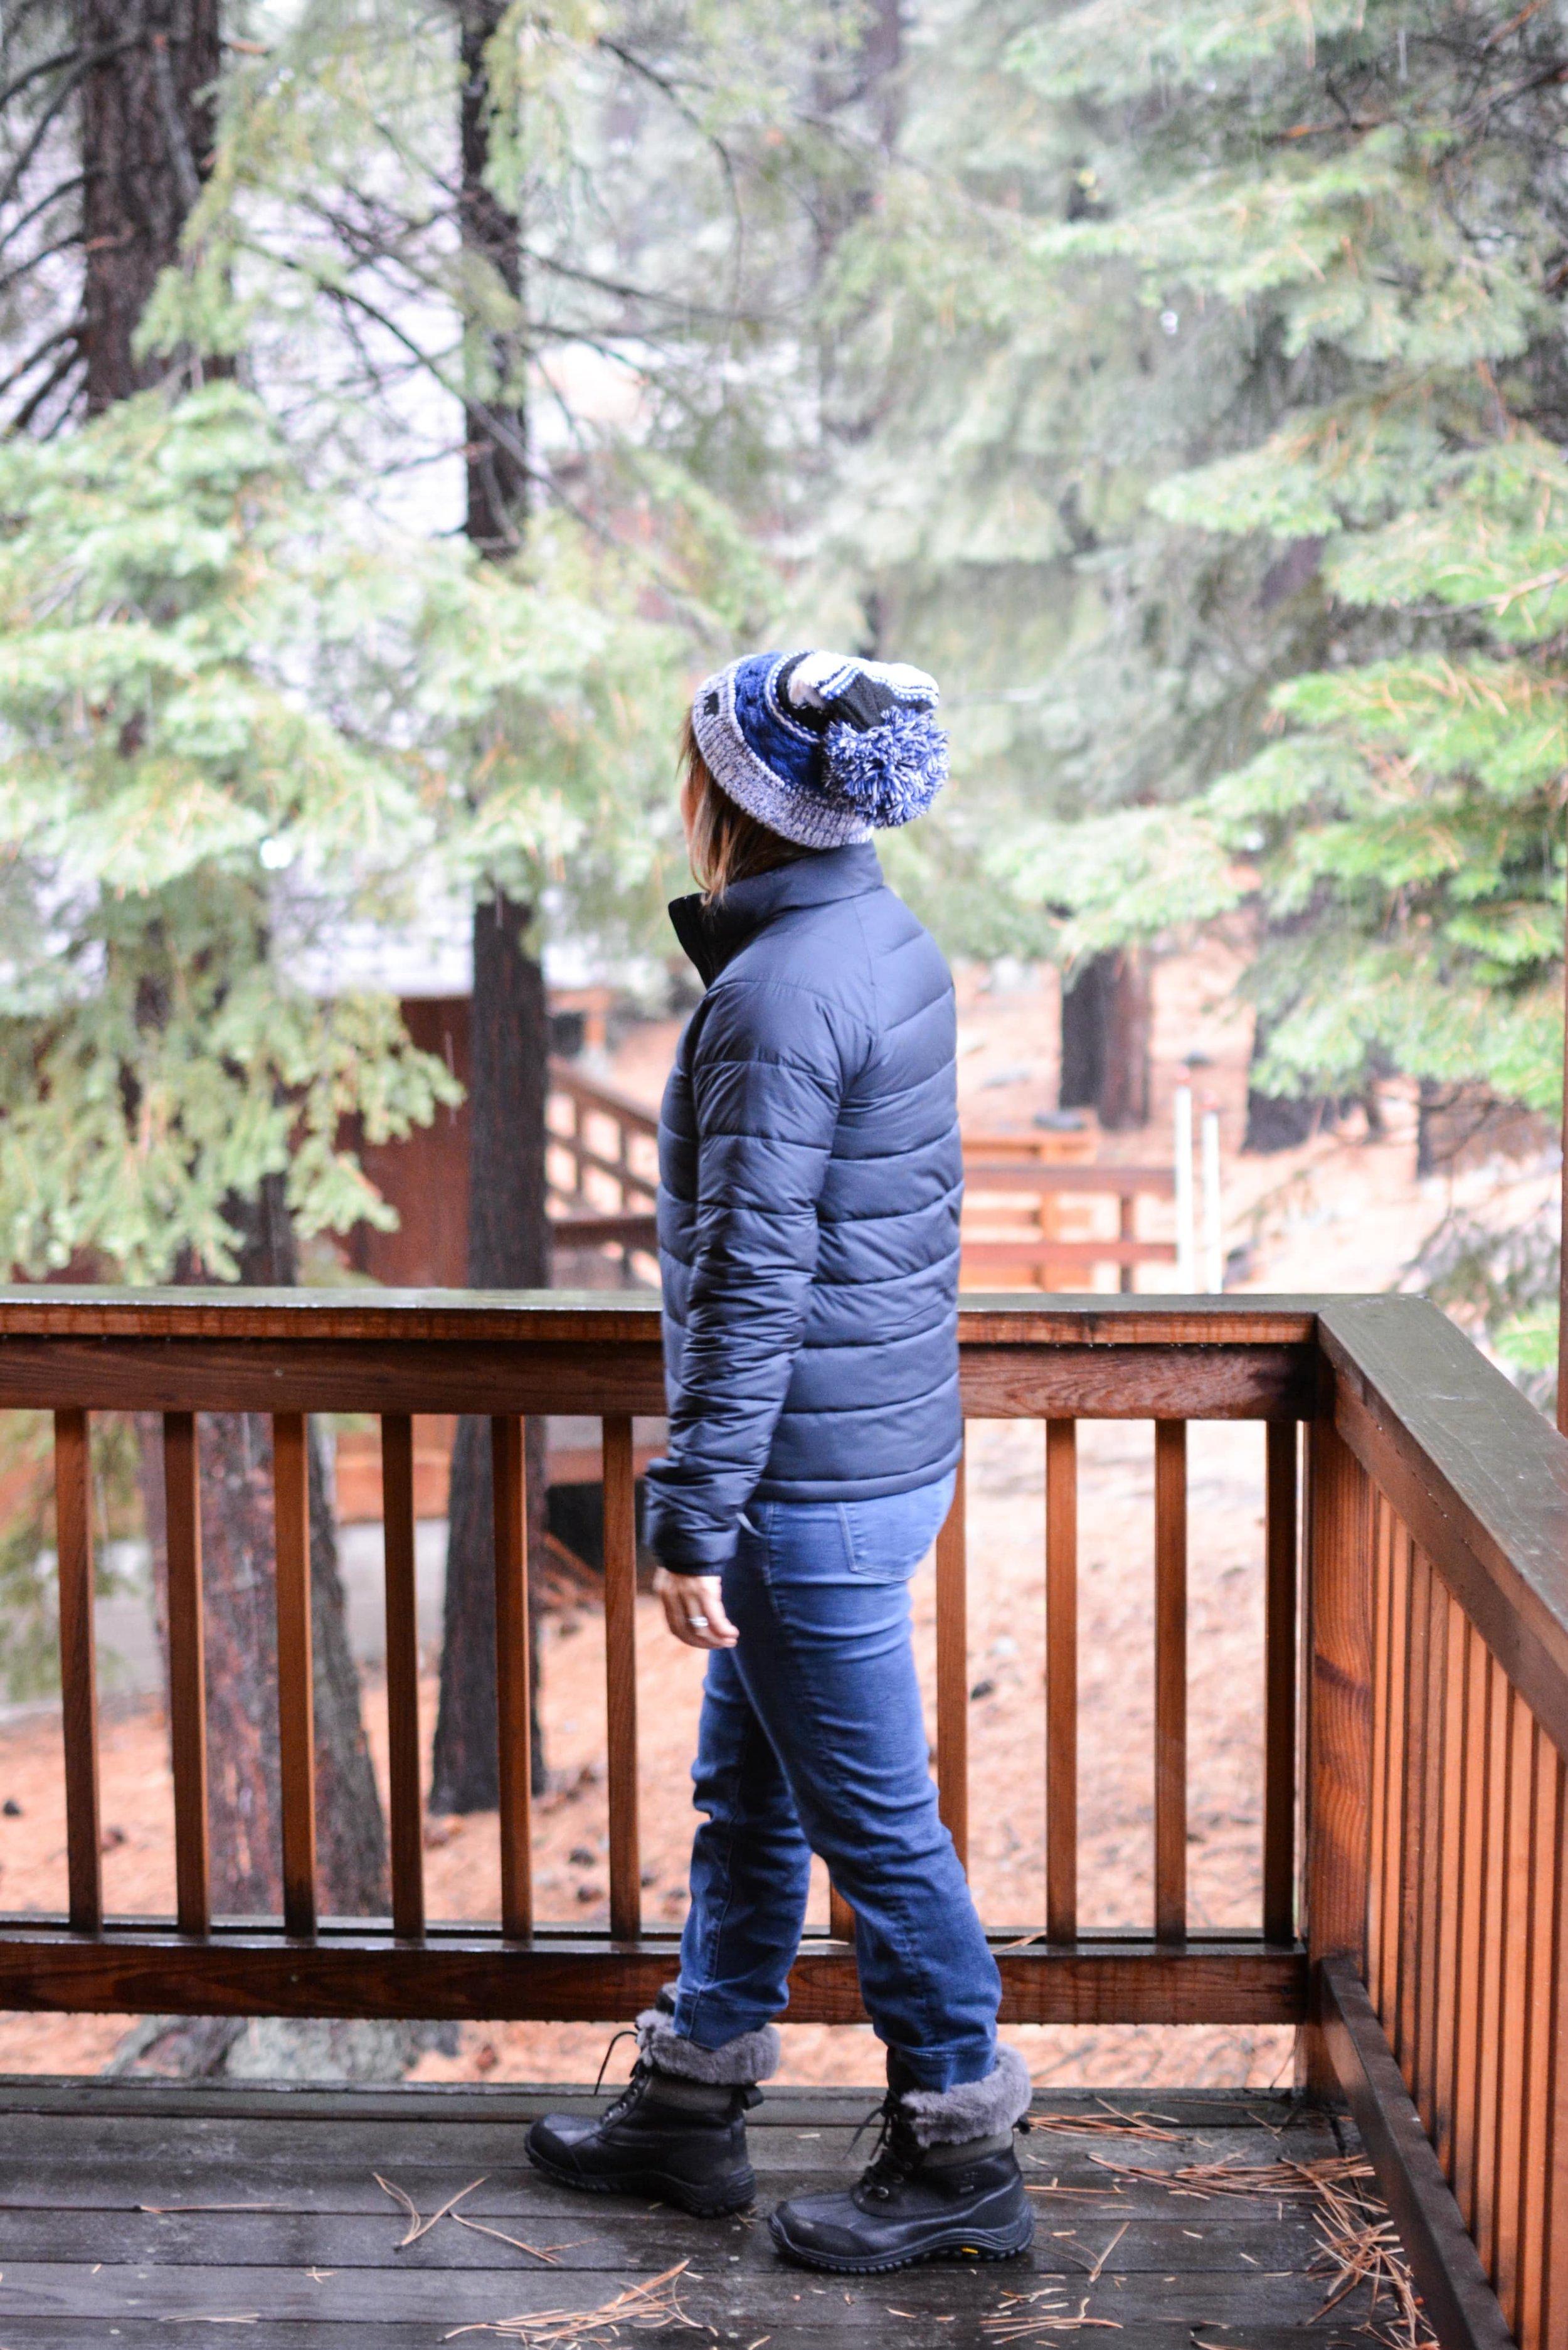 Everlane Review The Lightweight puffer jacket (6 of 11)-min.jpg